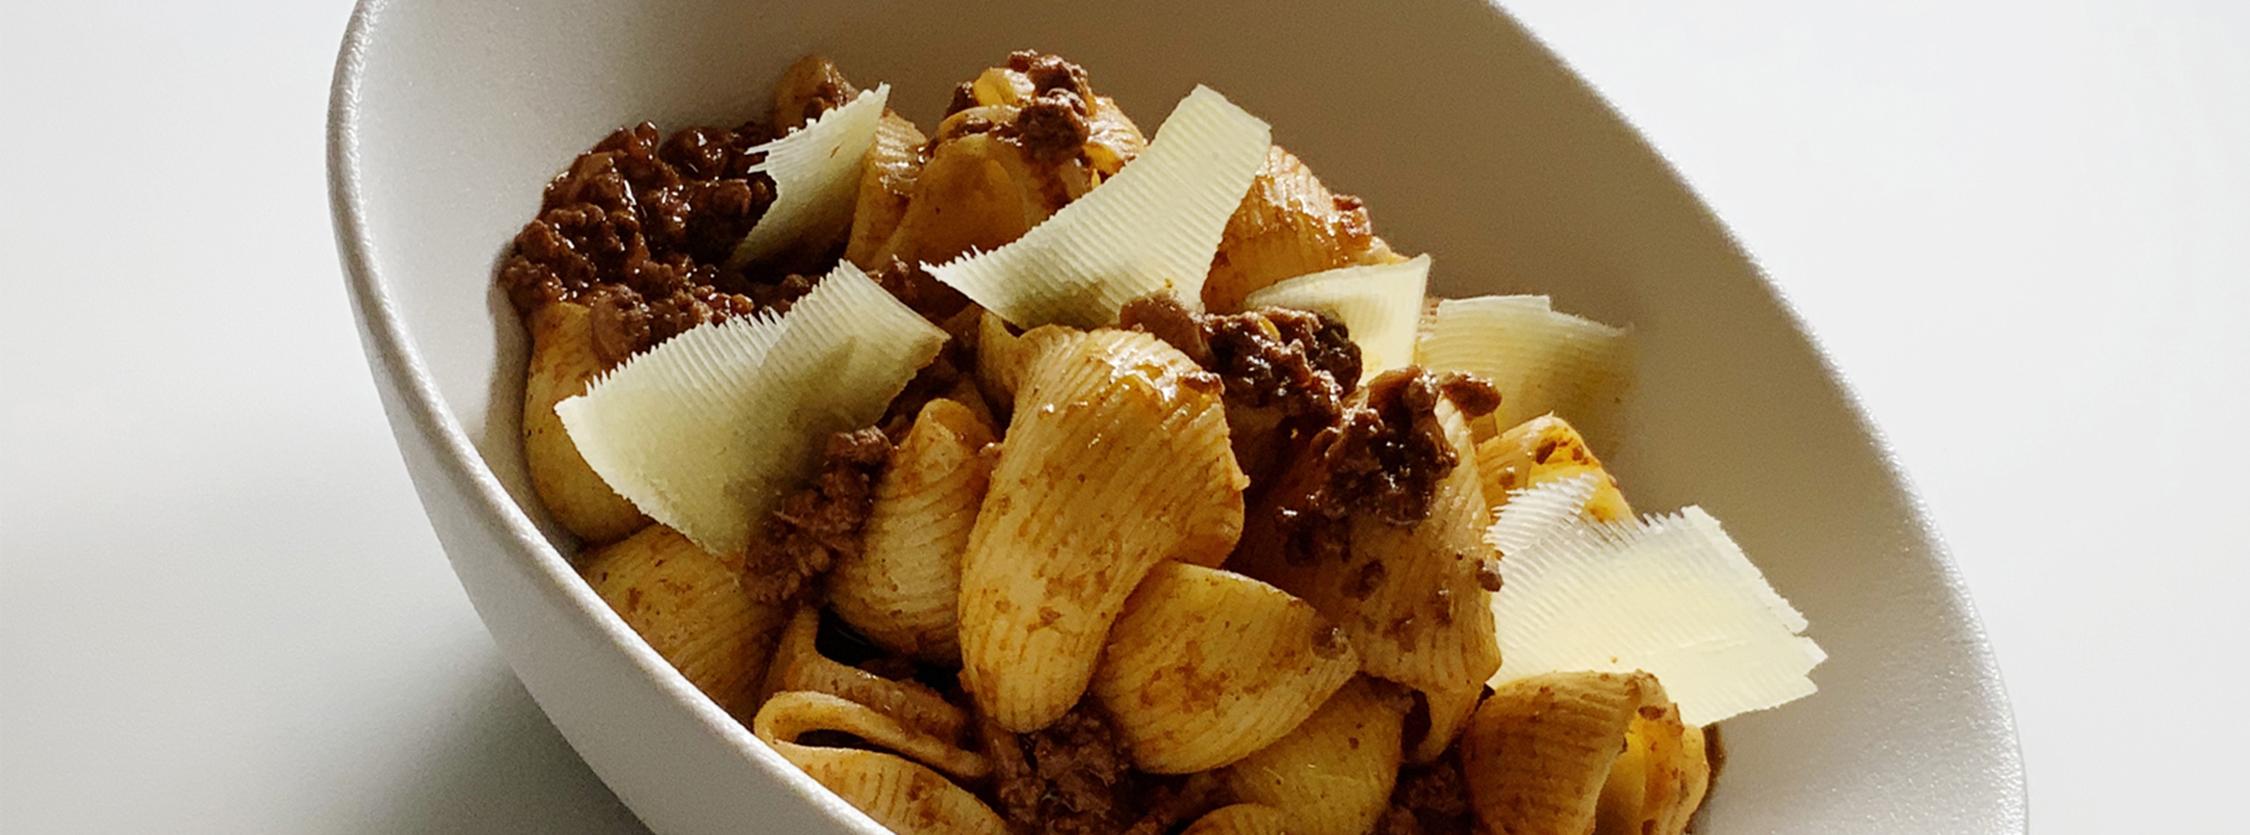 Lumache Sgambaro al ragù di manzo e porcini con scaglie di formaggio di malga